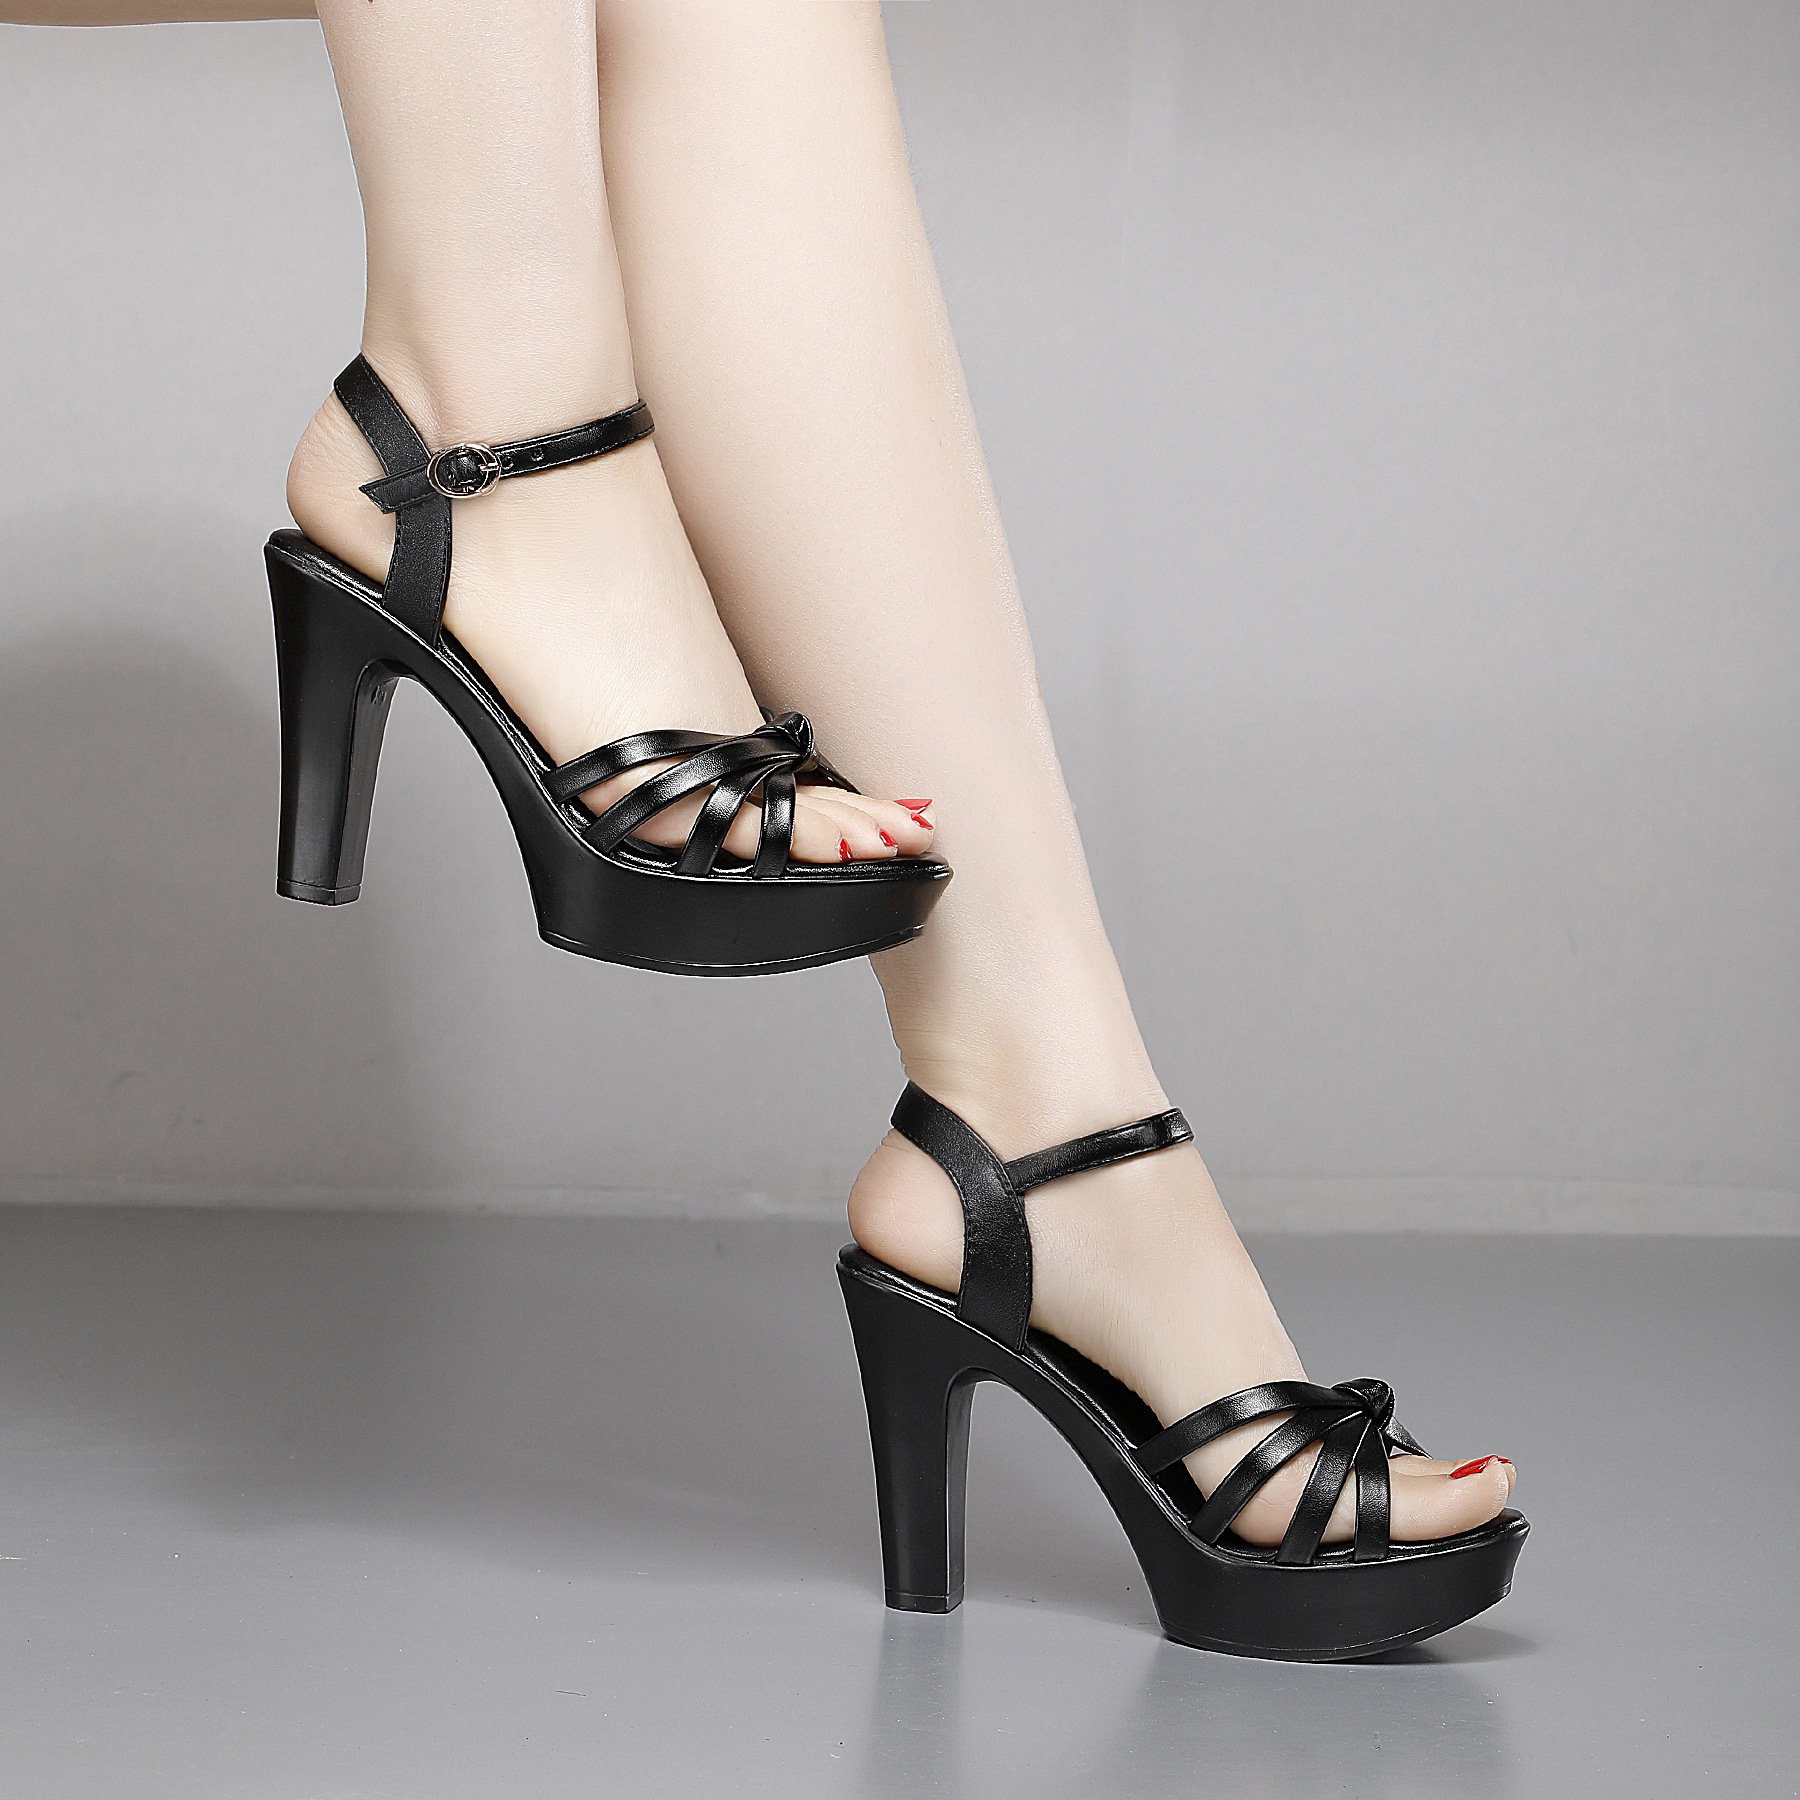 夏季粗跟鱼嘴凉鞋女2021防水台厚底一字扣走秀高跟鞋搭扣露趾女鞋